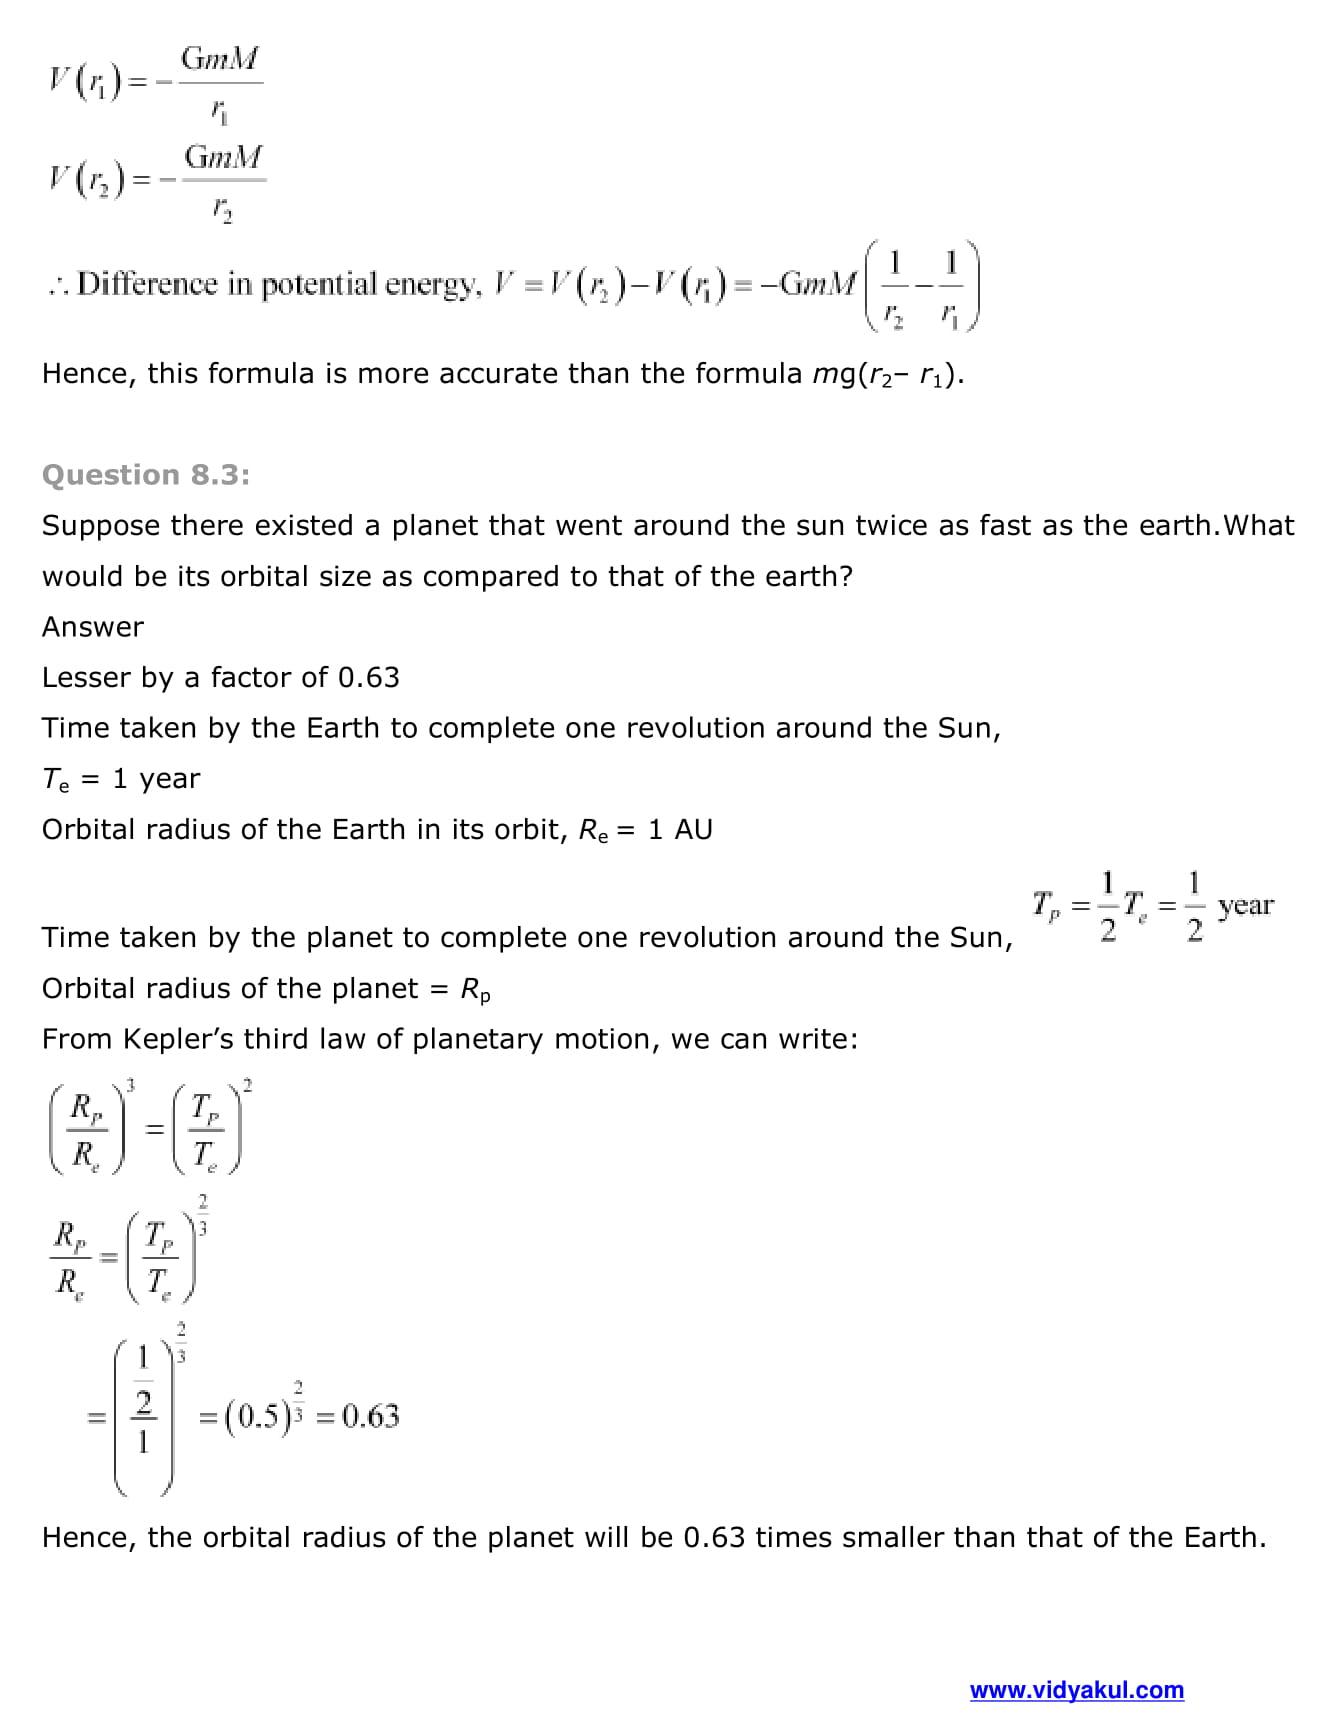 NCERT Solutions Class 11 Physics Chapter 8 | Vidyakul